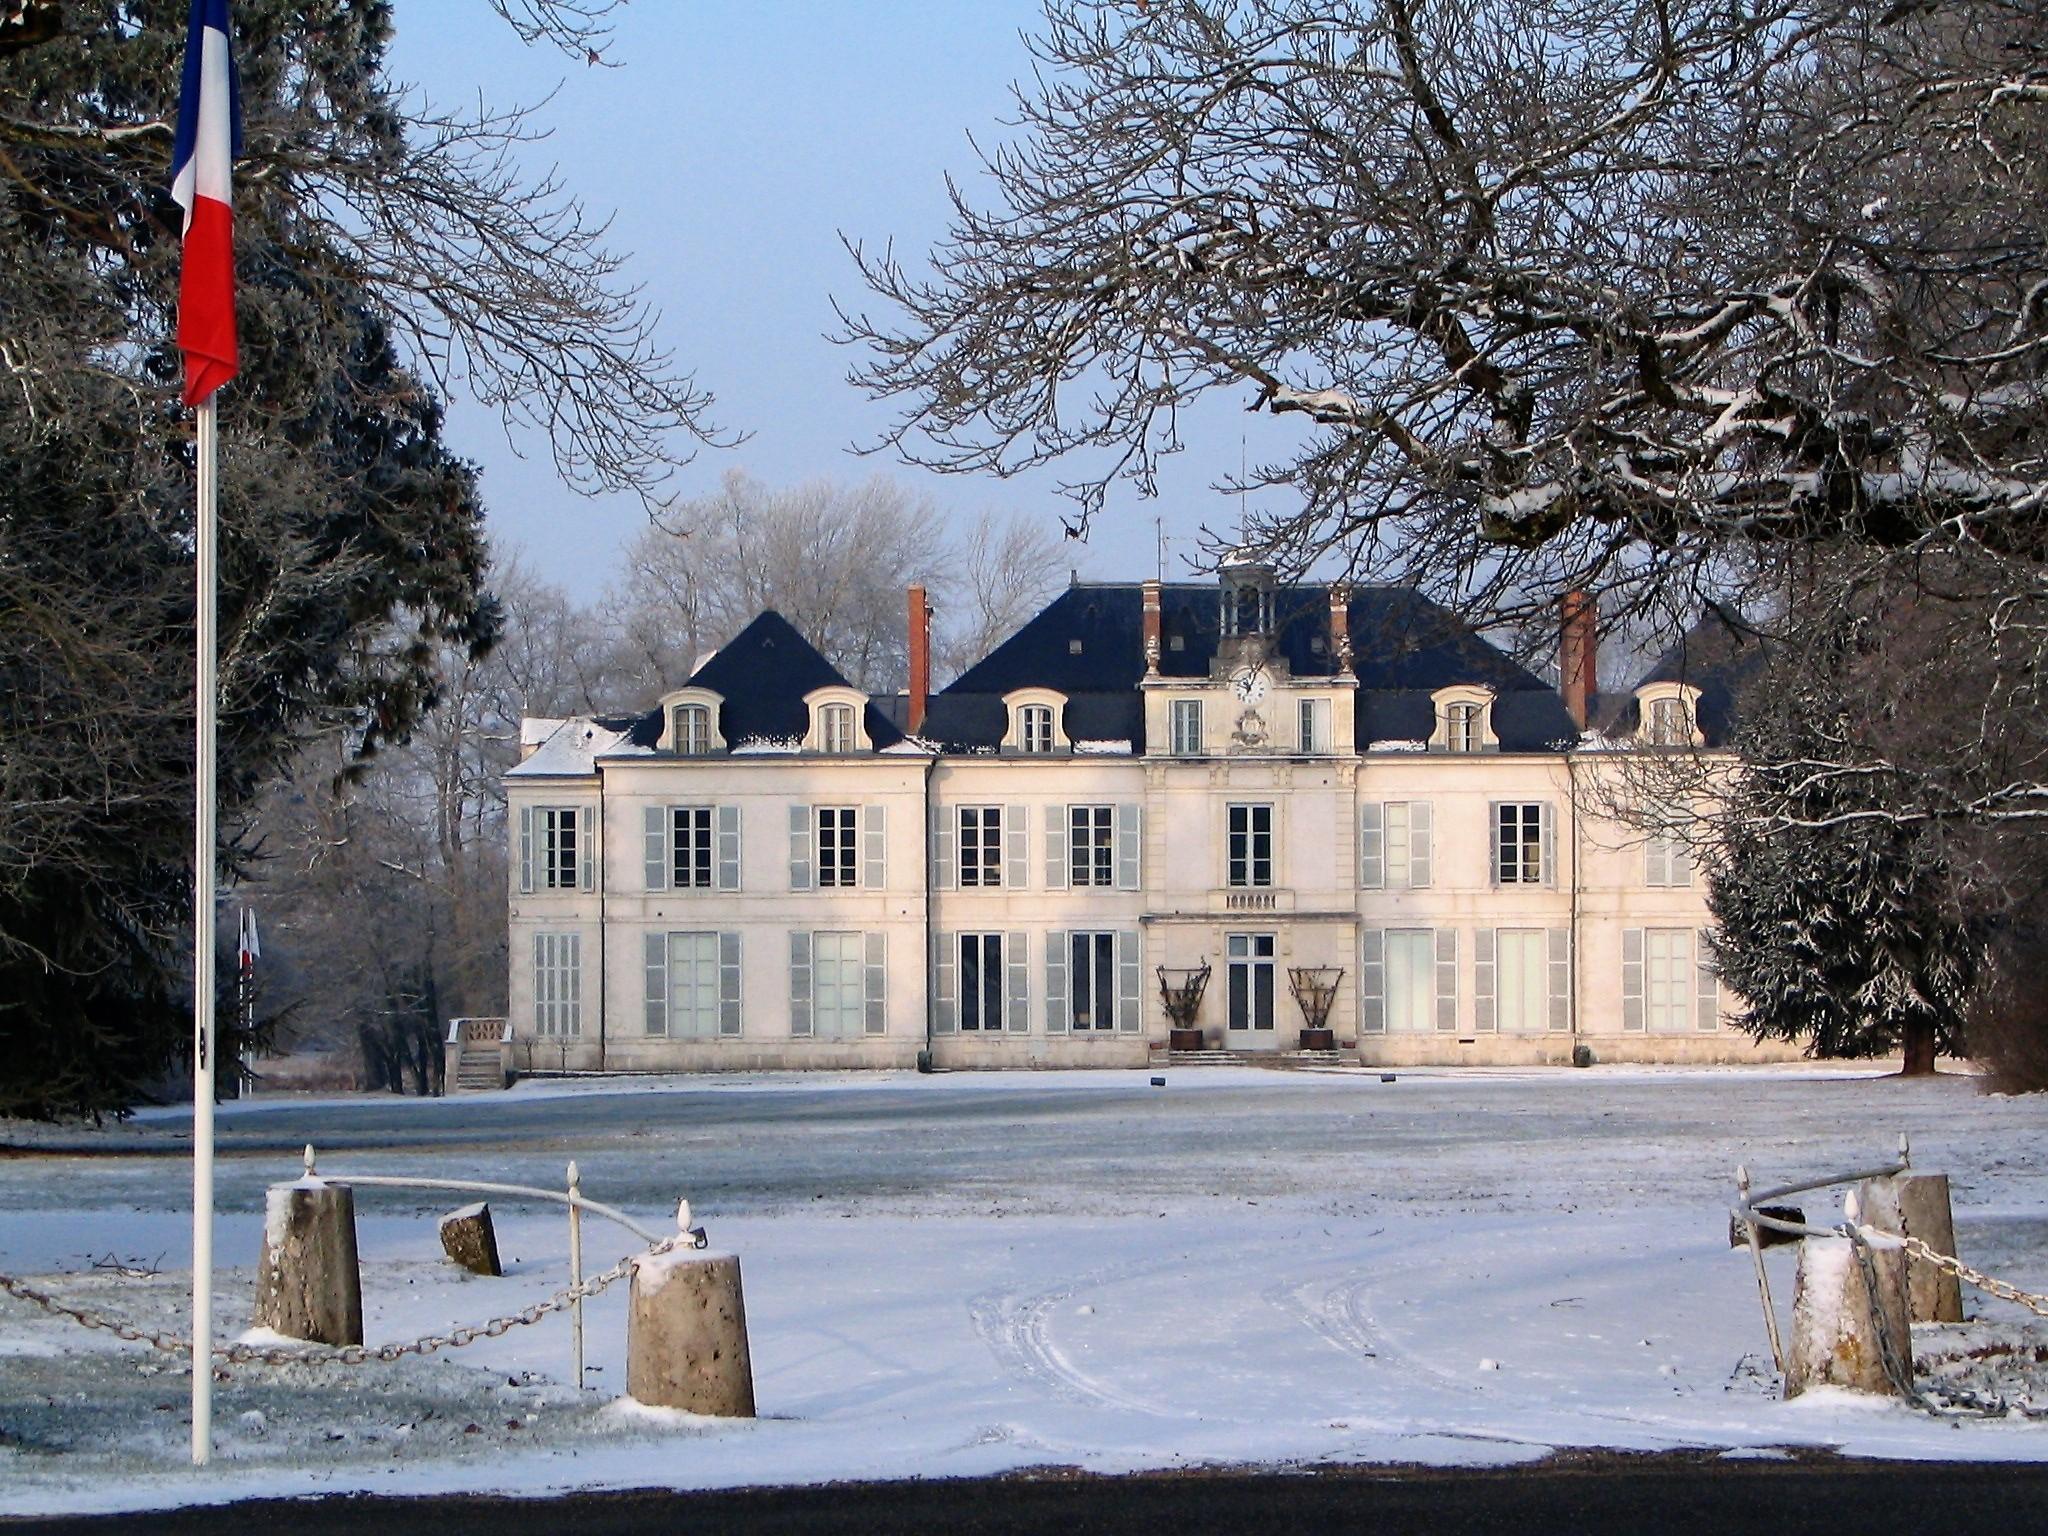 Chateau sous la neige